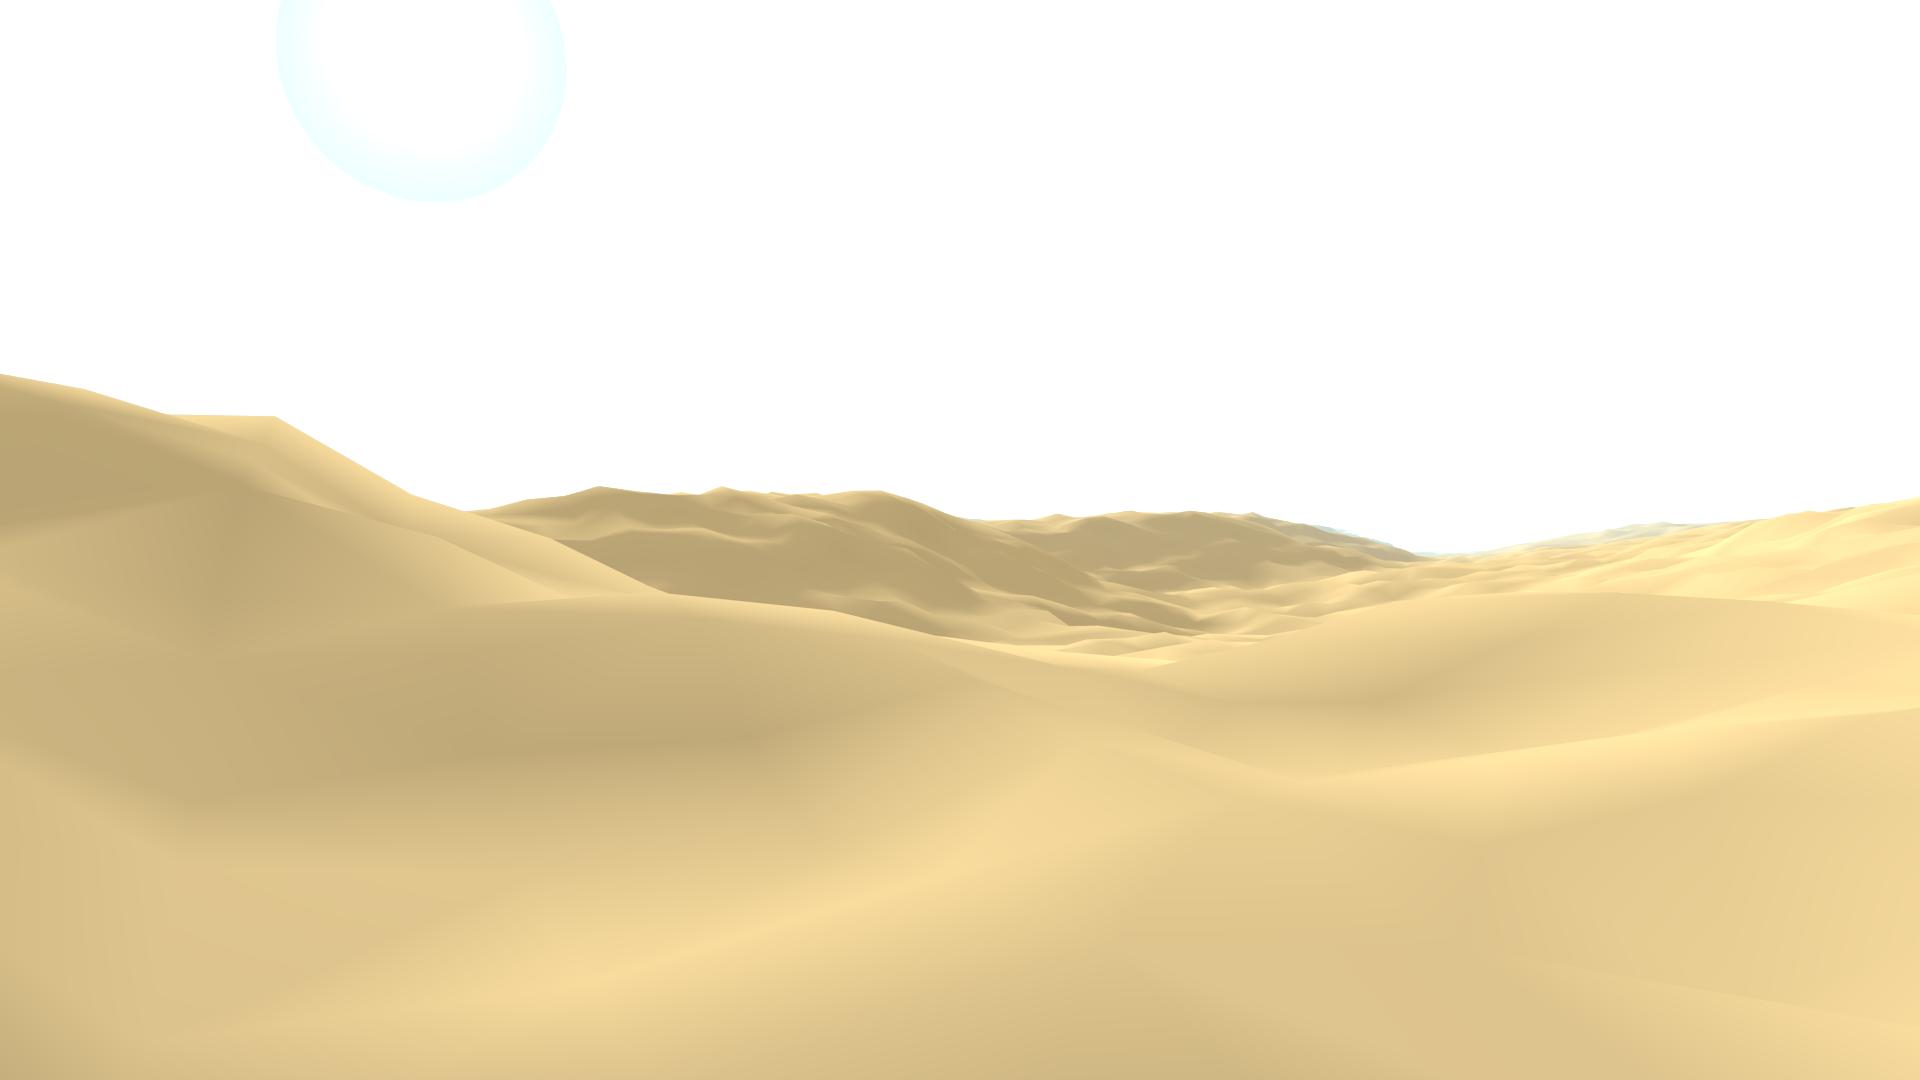 Desert clipart desert landform. Png transparent images all